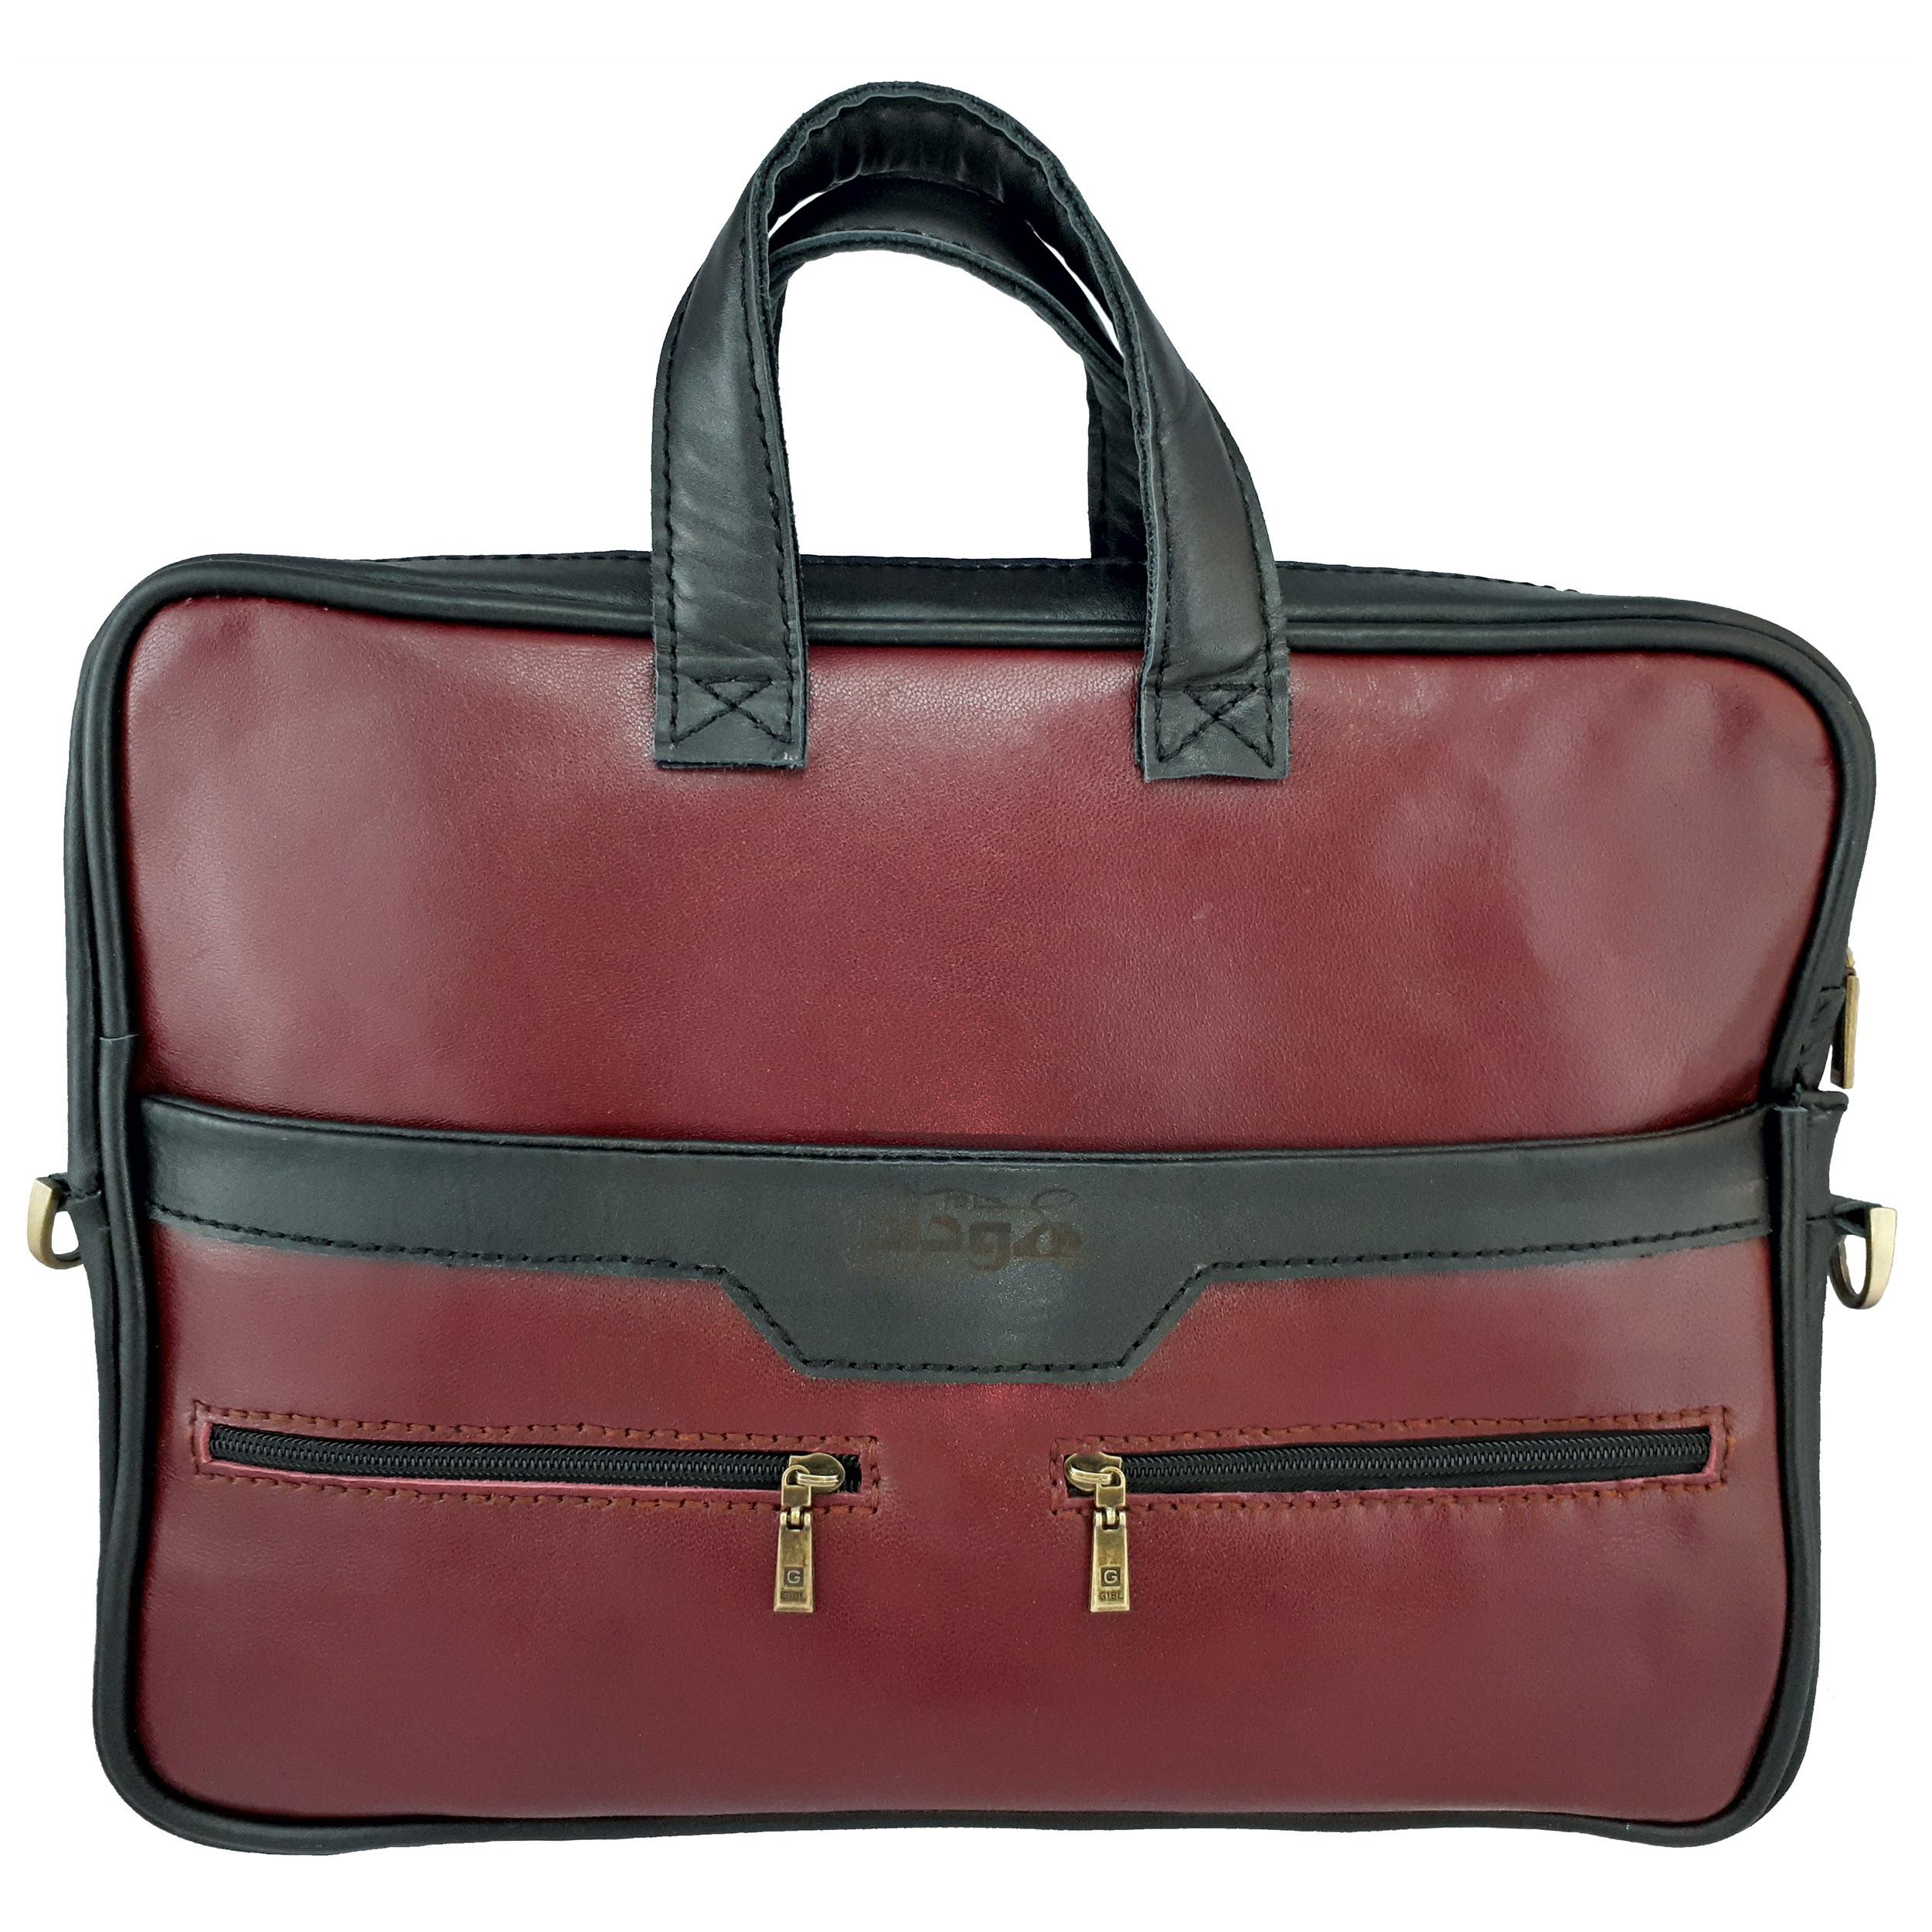 کیف چرمی هوداد چرم مدل BAD001